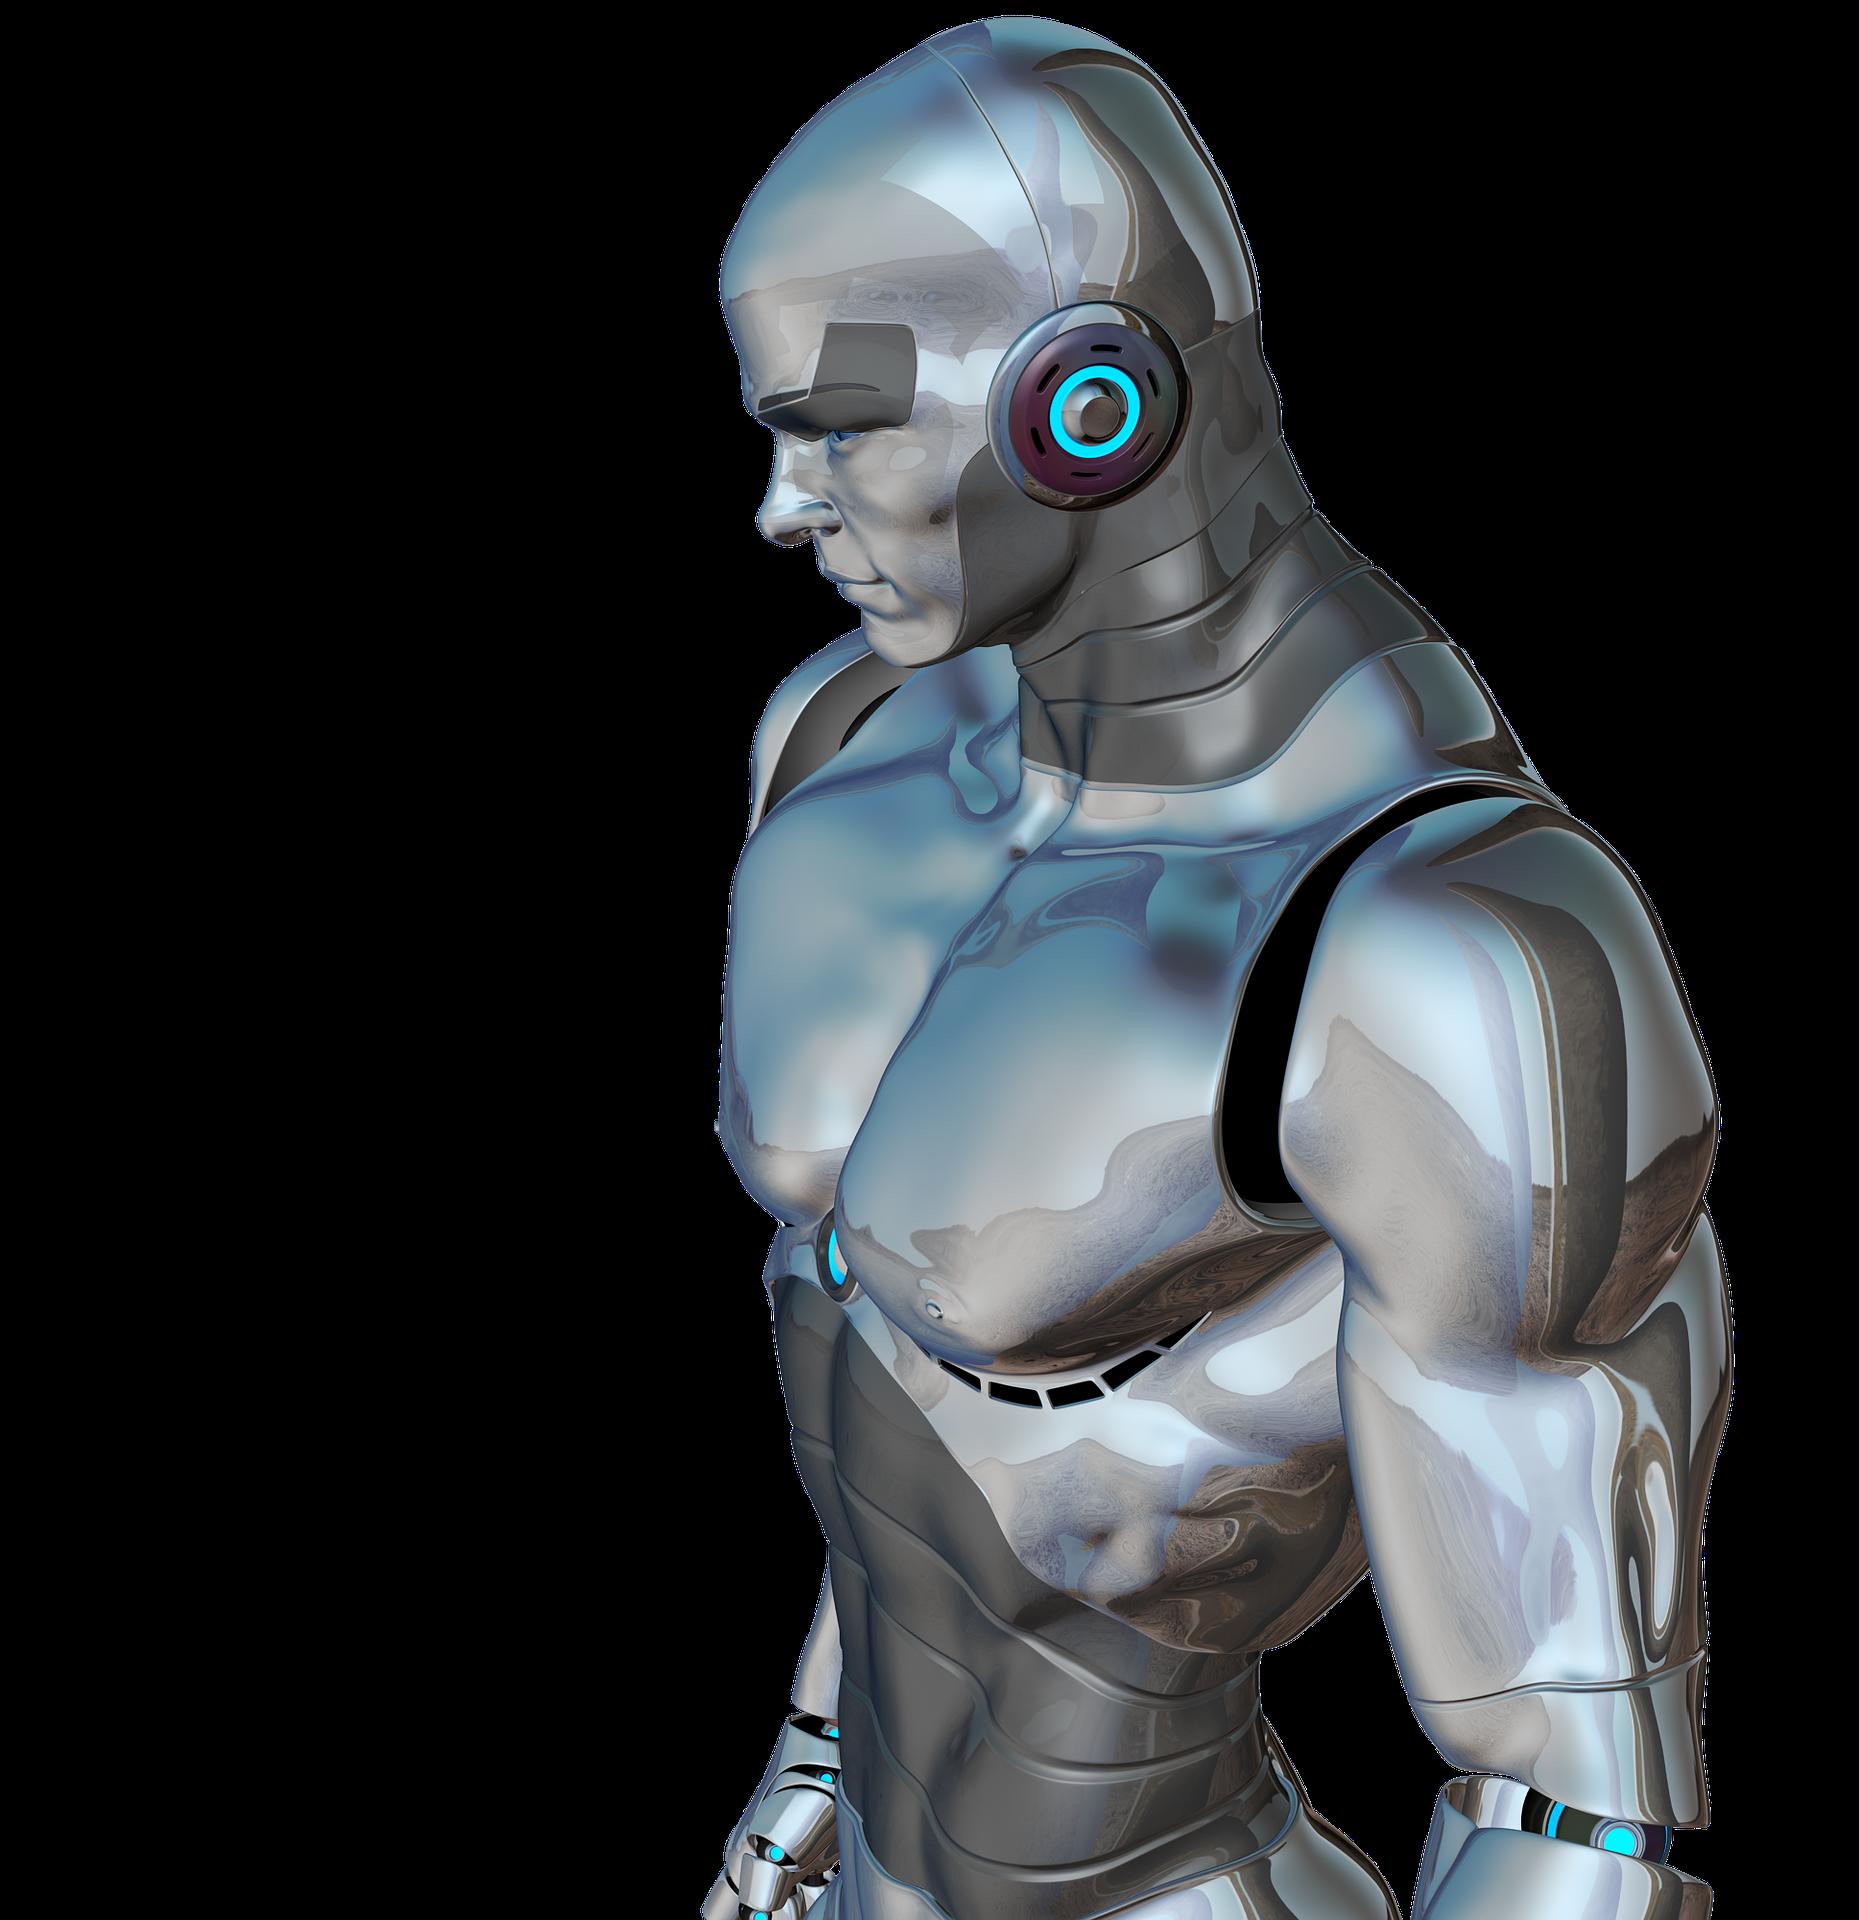 Prepárate para el futuro aprendiendo robótica